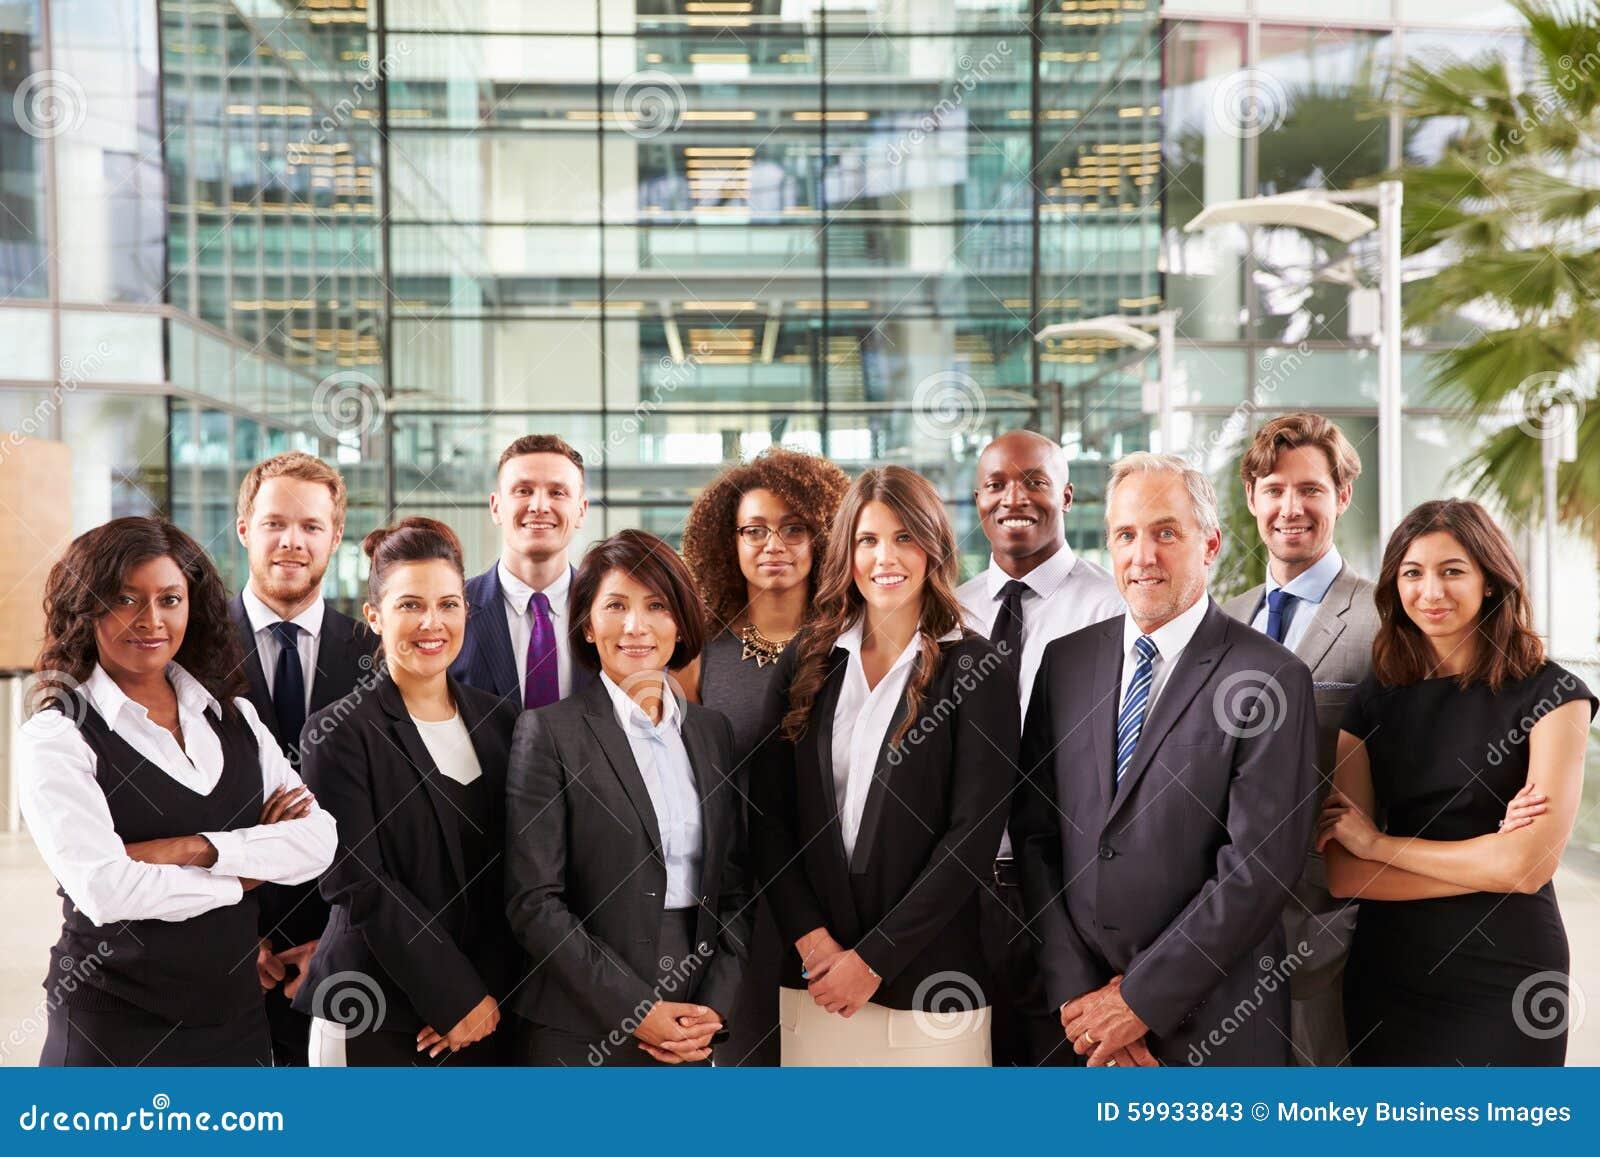 Retrato de sorriso do grupo de colegas da empresa